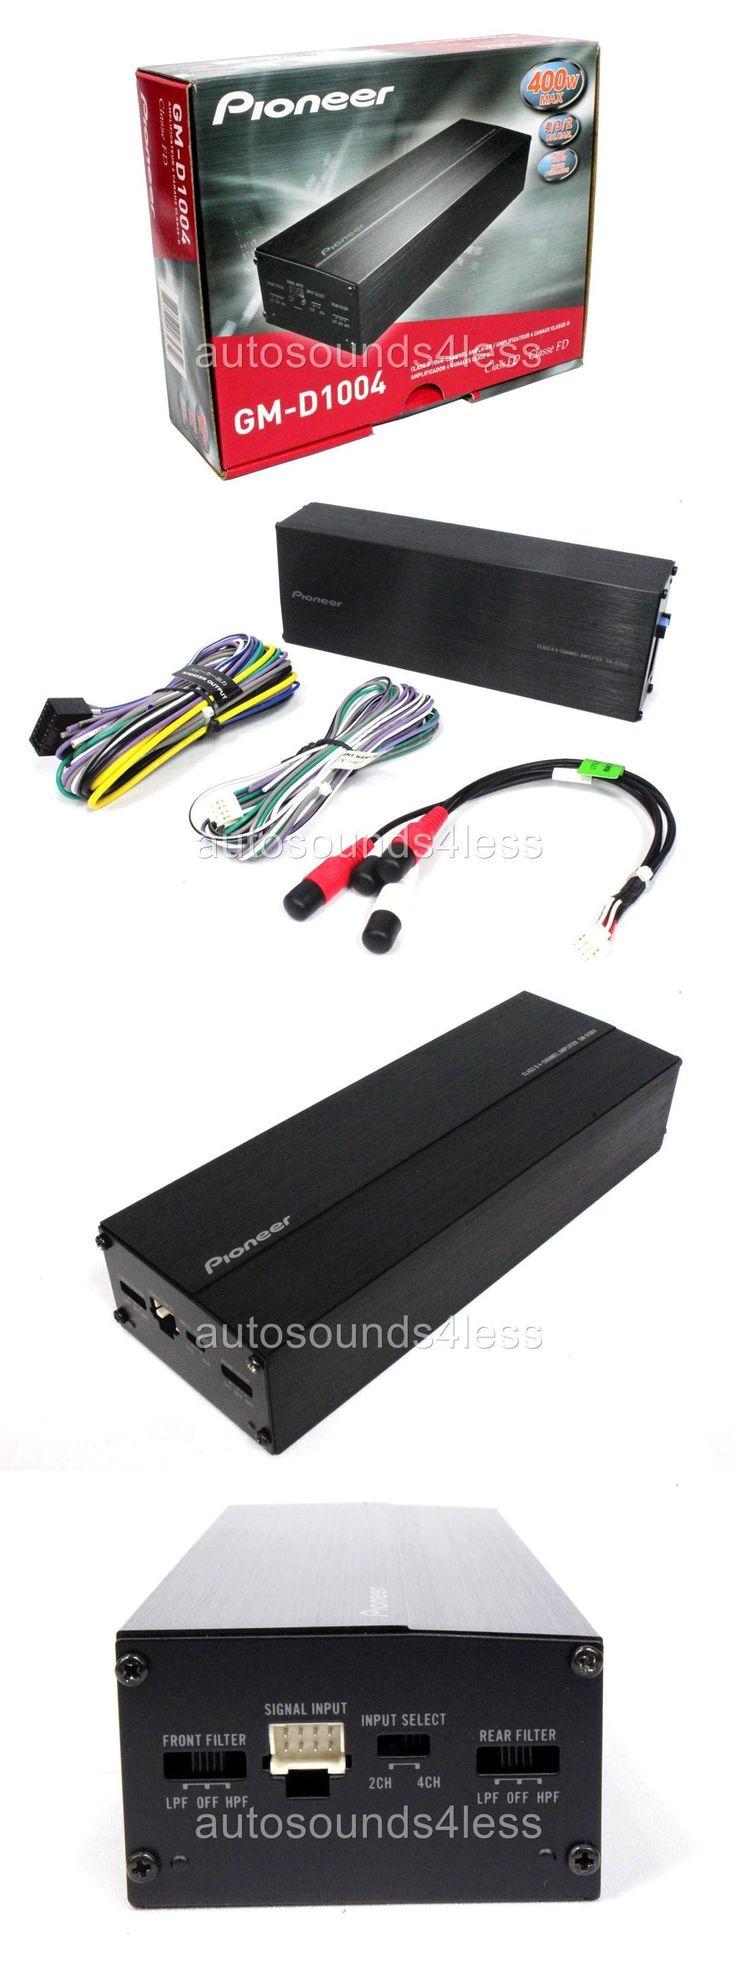 Car Amplifiers: Pioneer Gm Digital Series Gm-D1004 400 Watt 4-Channel Class Fd Car Amplifier New -> BUY IT NOW ONLY: $89 on eBay!